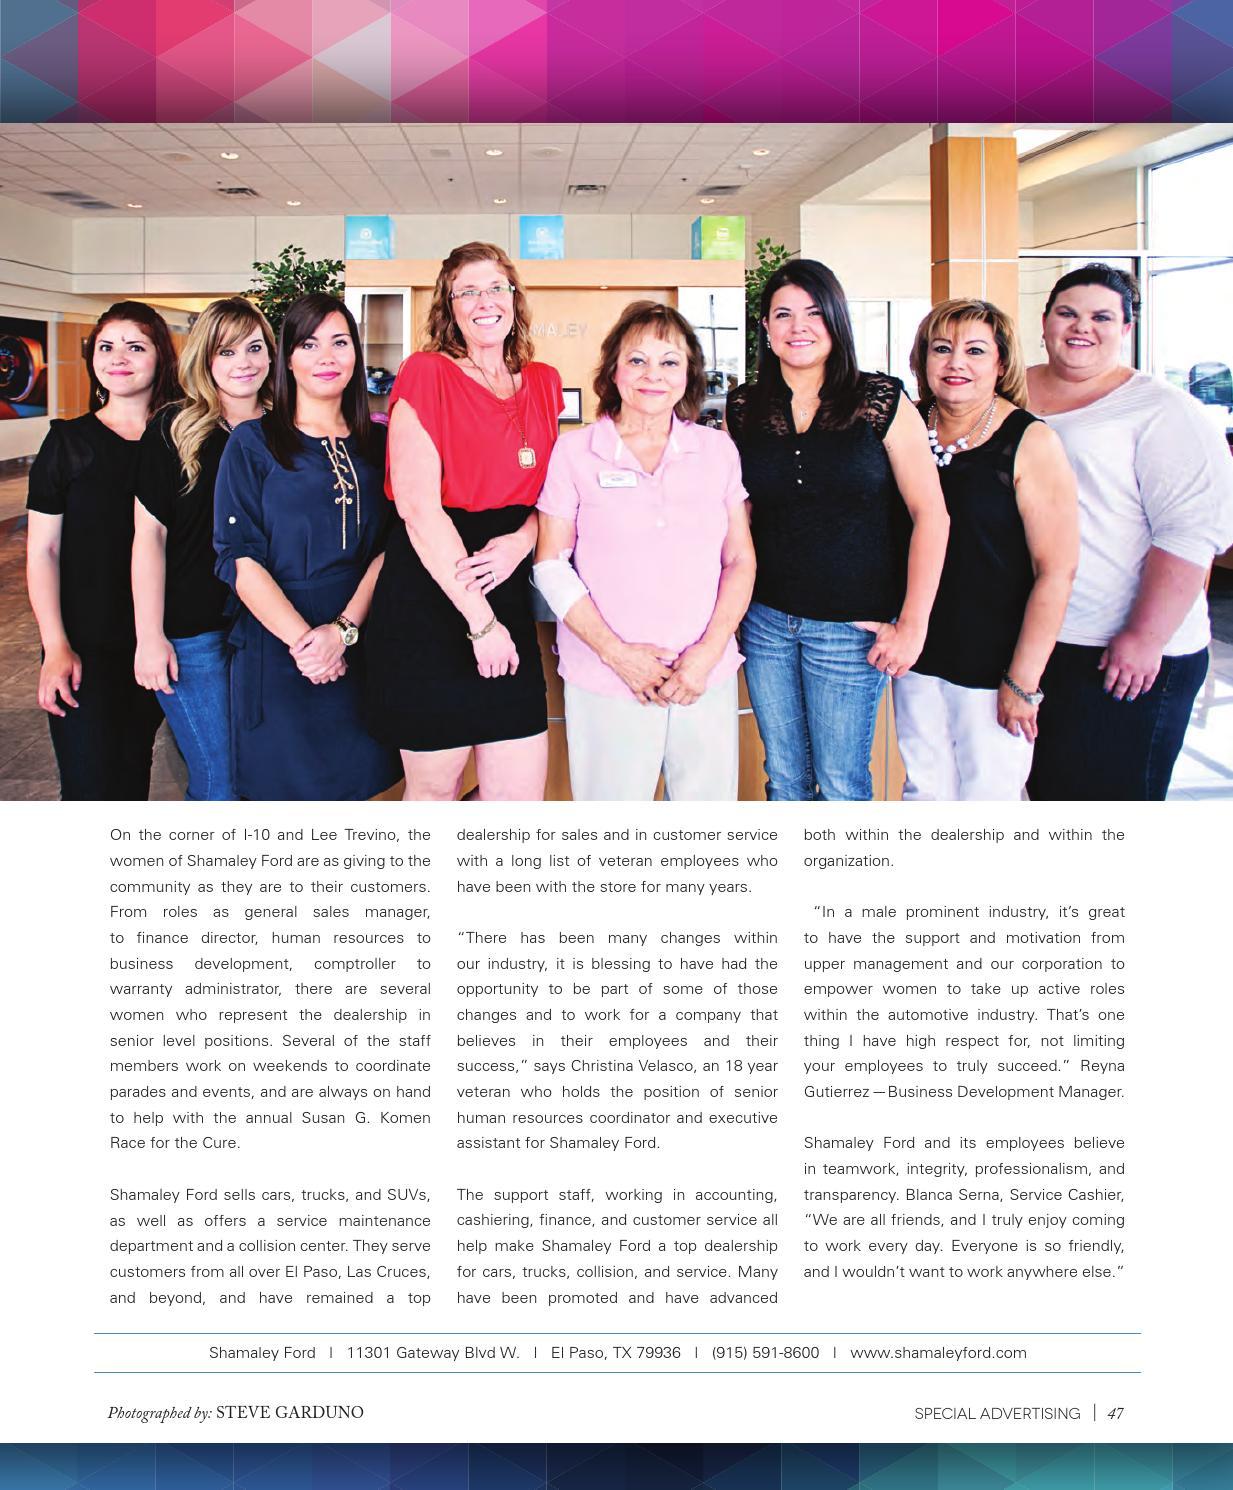 Shamaley Ford El Paso >> Thecity Magazine El Paso May 2014 By Thecity Magazine El